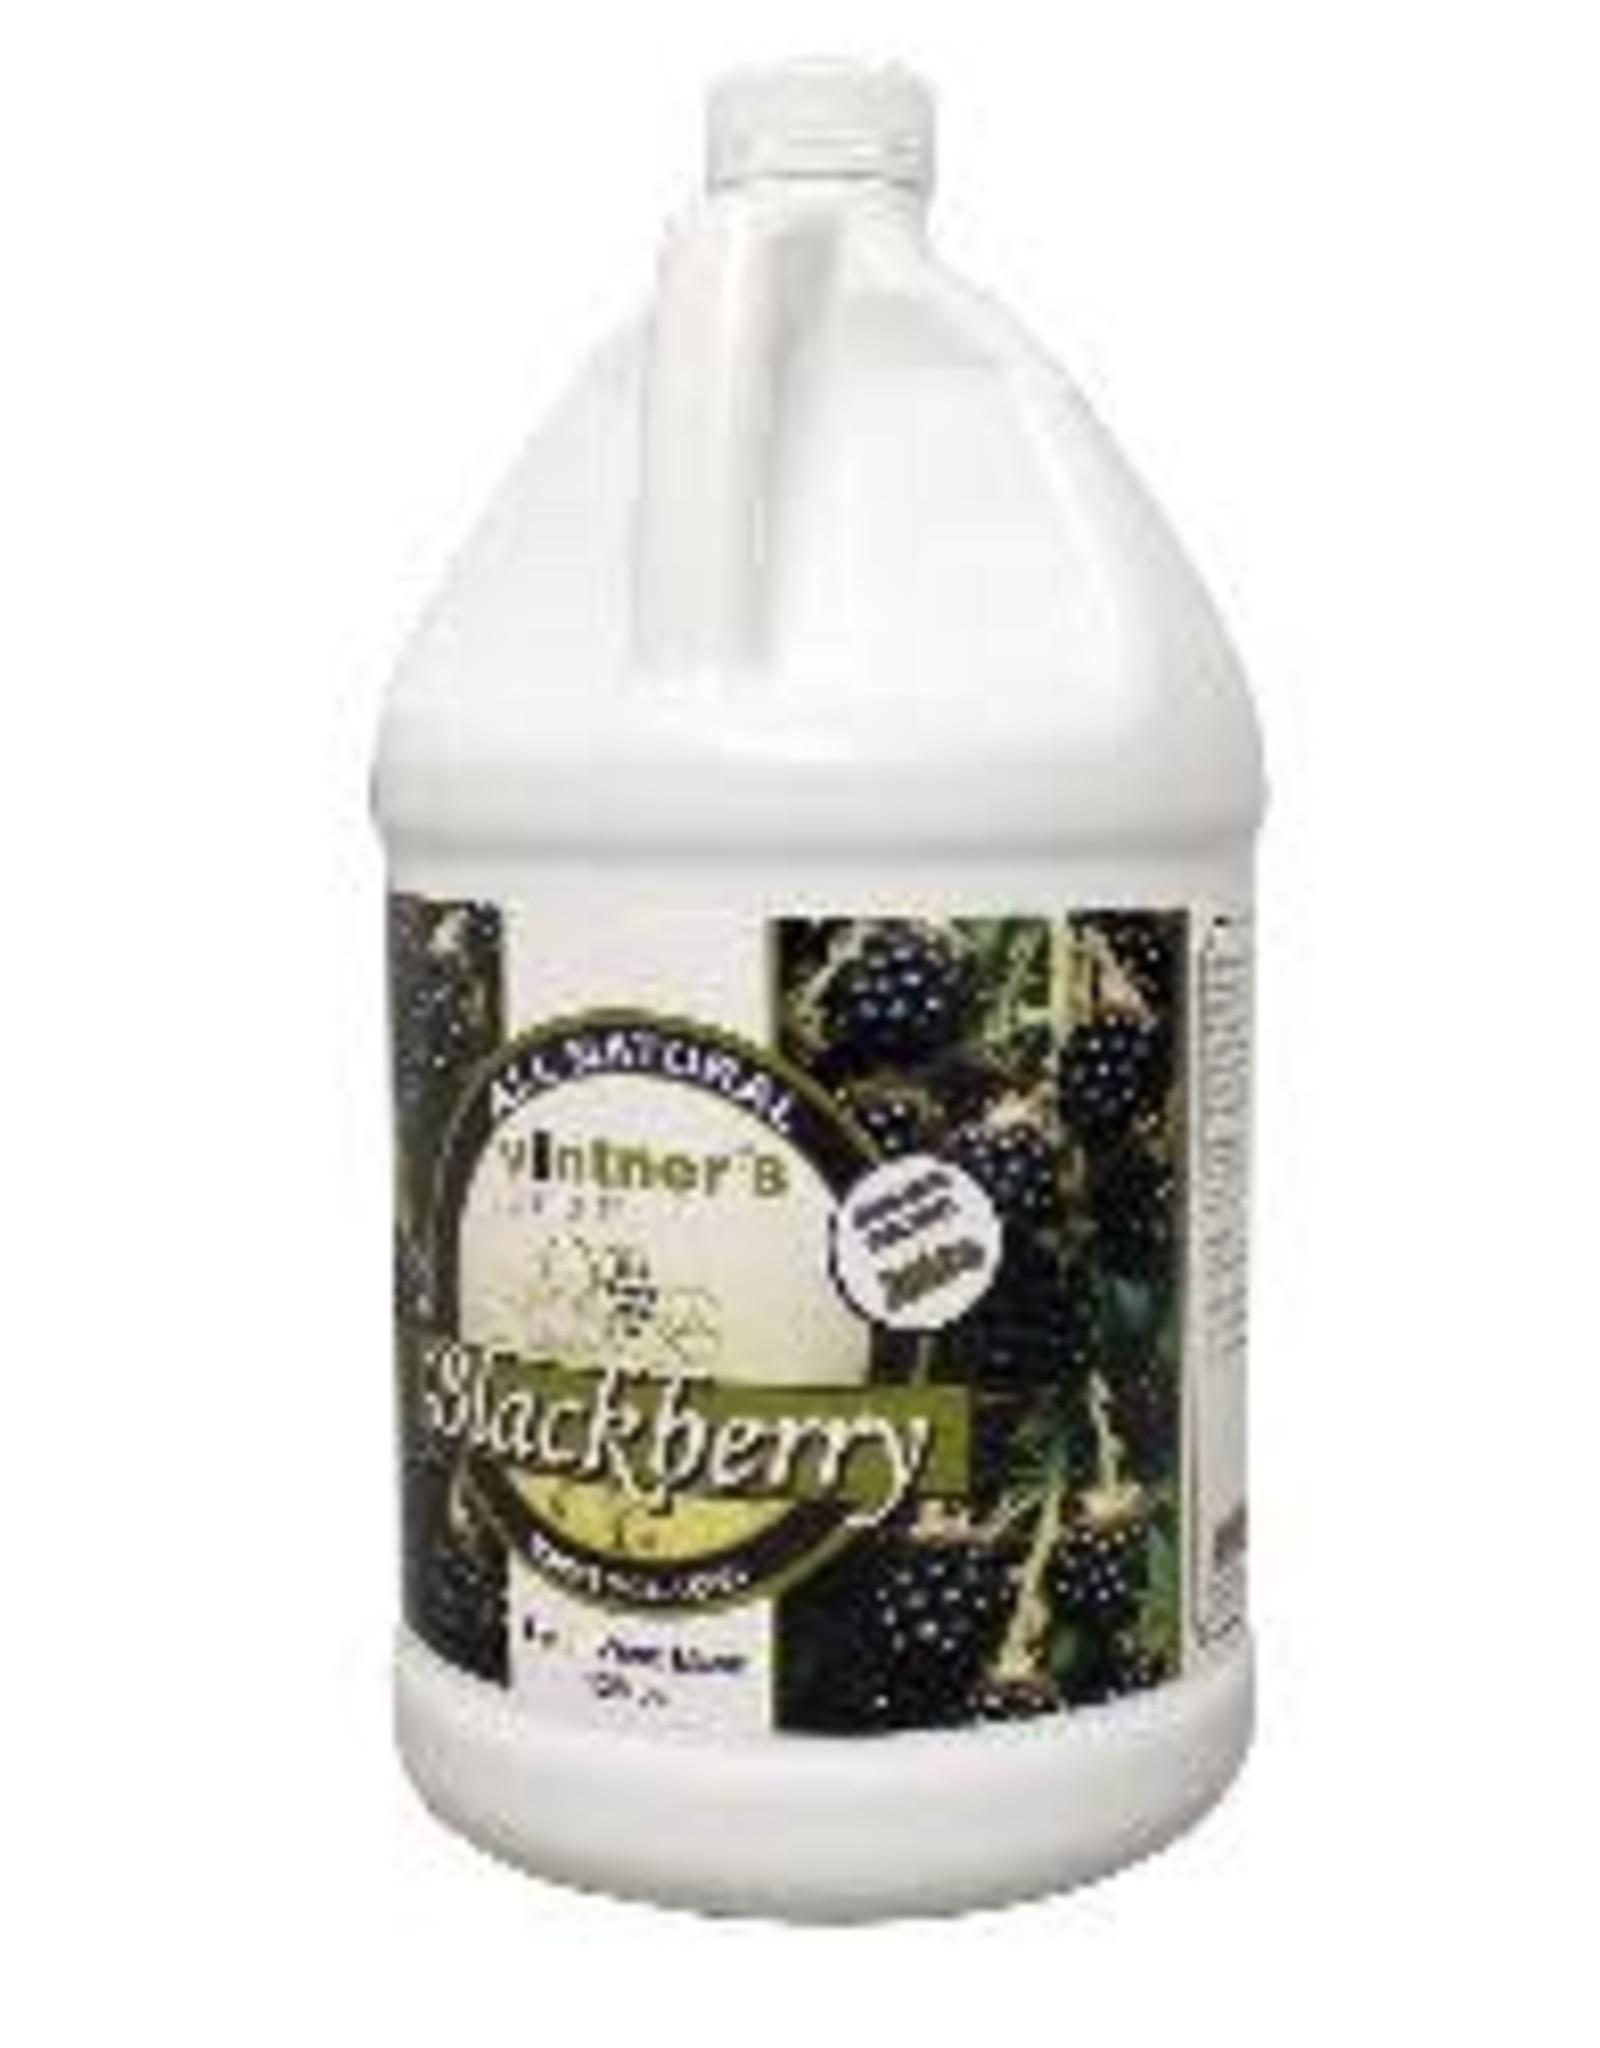 BLACKBERRY FRUIT WINE BASE 1G